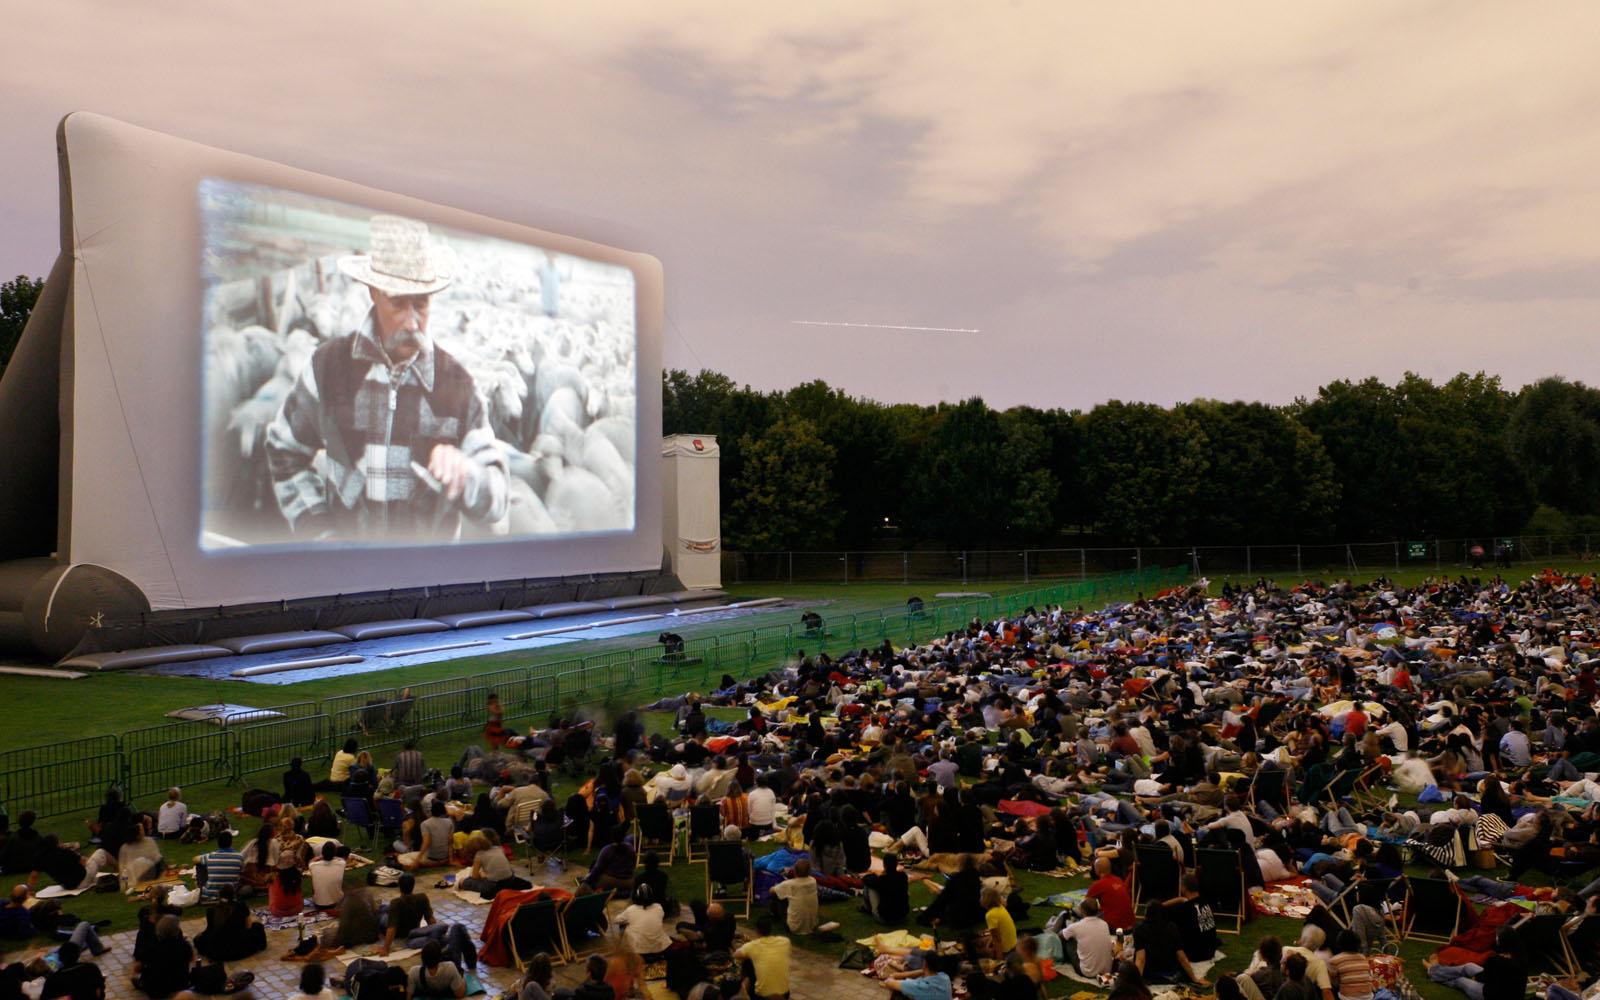 Il cinema sotto le stelle nel Parco della Villette, a Parigi.